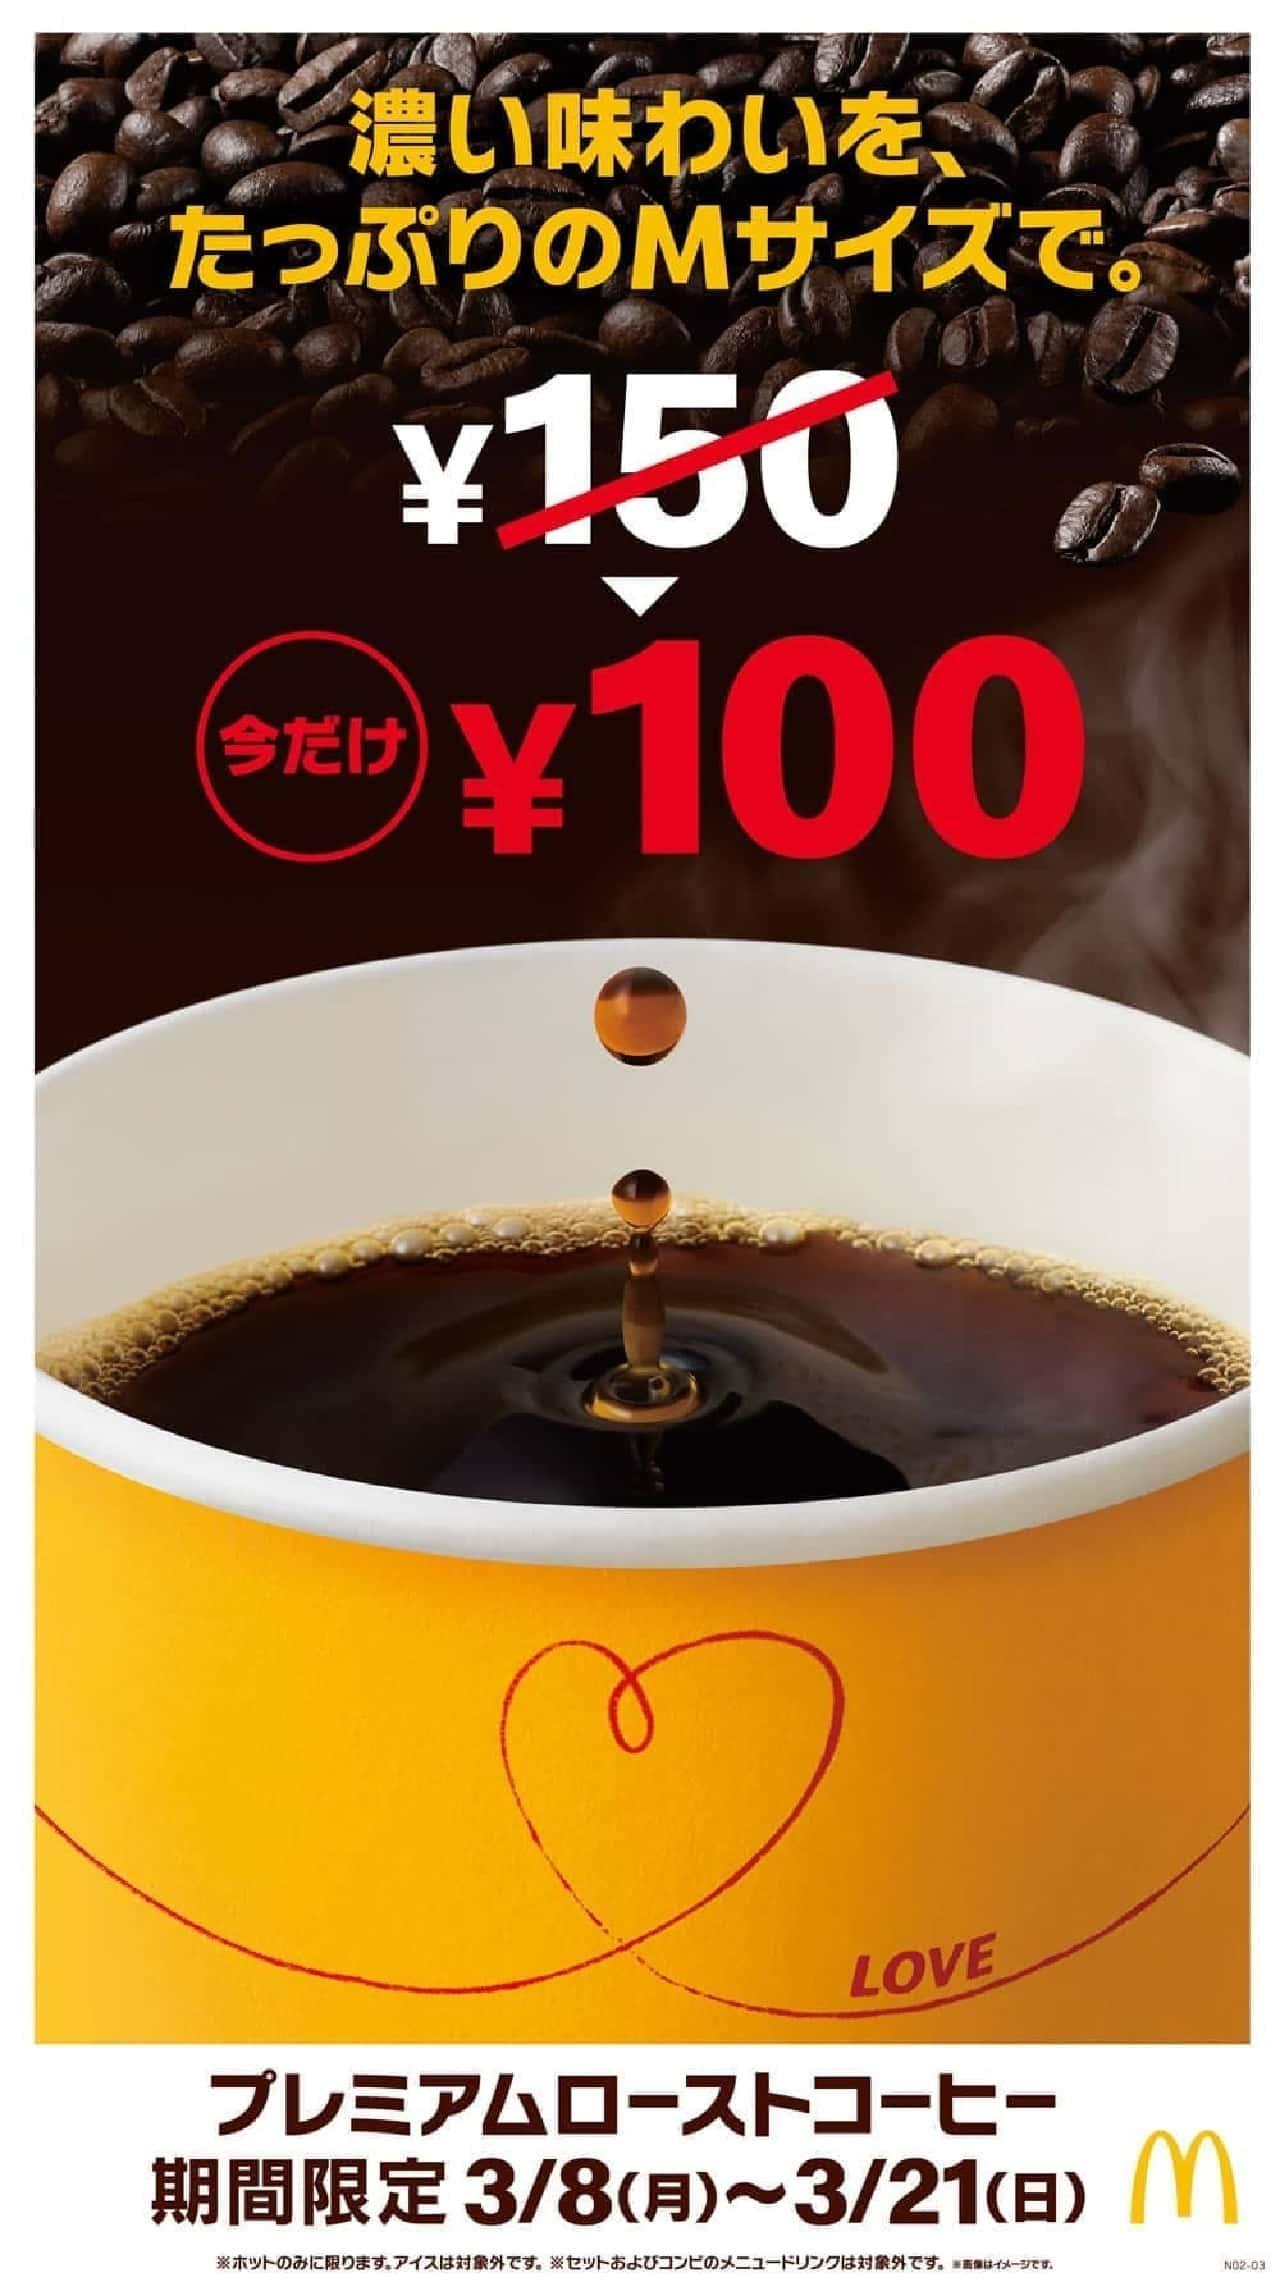 マクドナルドでホットコーヒーMサイズ100円キャンペーン